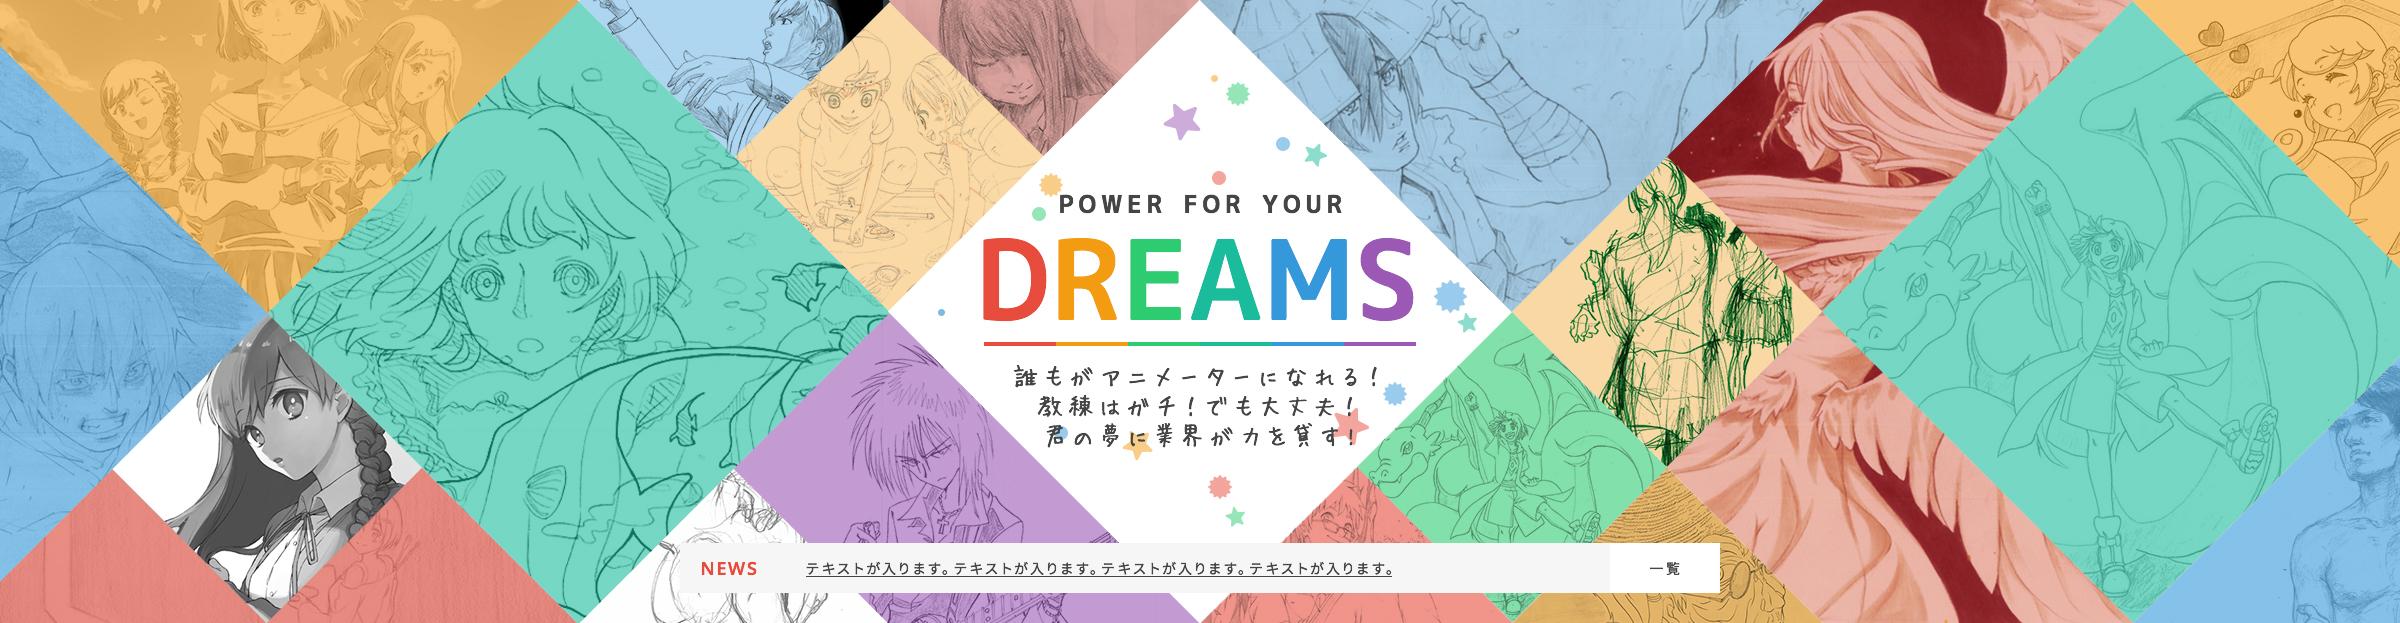 POWER TO YOUR DREAMS 誰もがアニメーターになれる!教練はガチ!でも大丈夫!君の夢に業界が力を貸す!